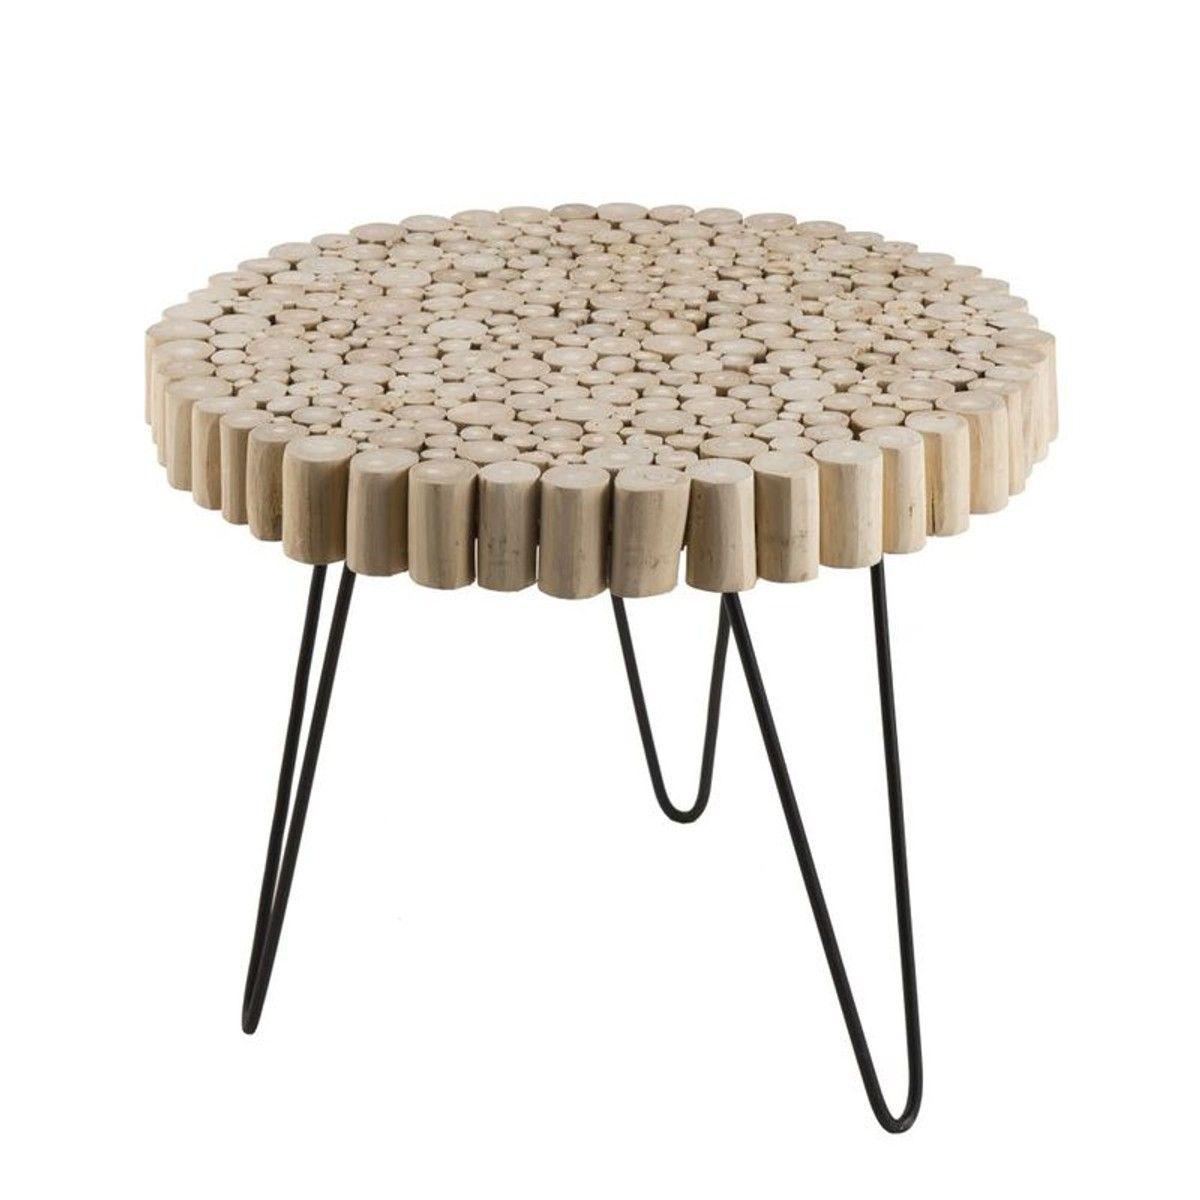 Bout De Canape Bois De Teck Metal Forme Ronde Jaipur Table D Appoint Ronde Bout De Canape Bois Et Table D Appoint